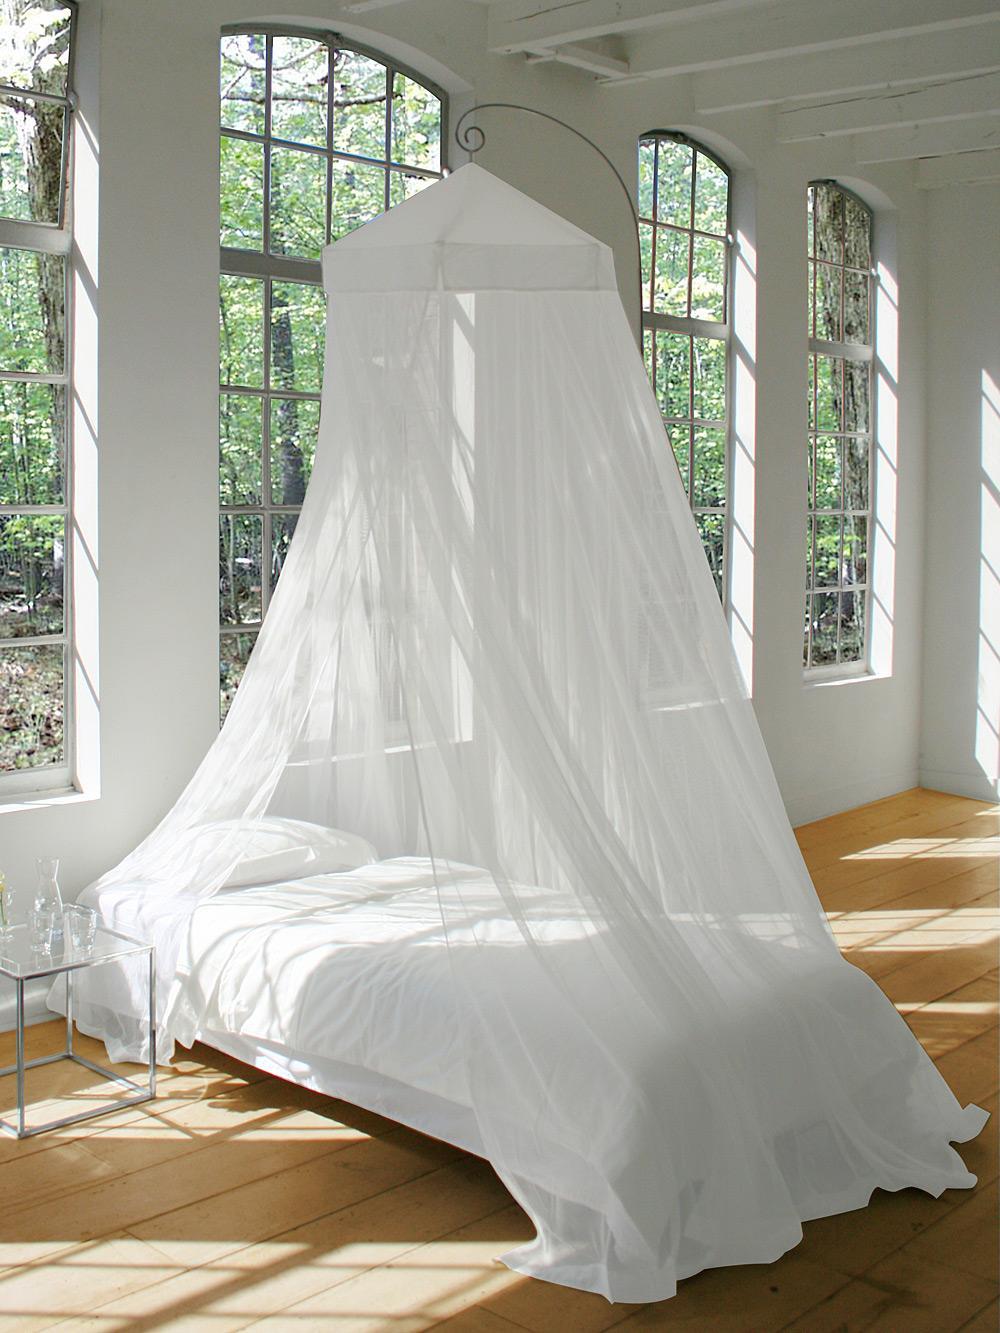 moustiquaire de lit circulaire. Black Bedroom Furniture Sets. Home Design Ideas